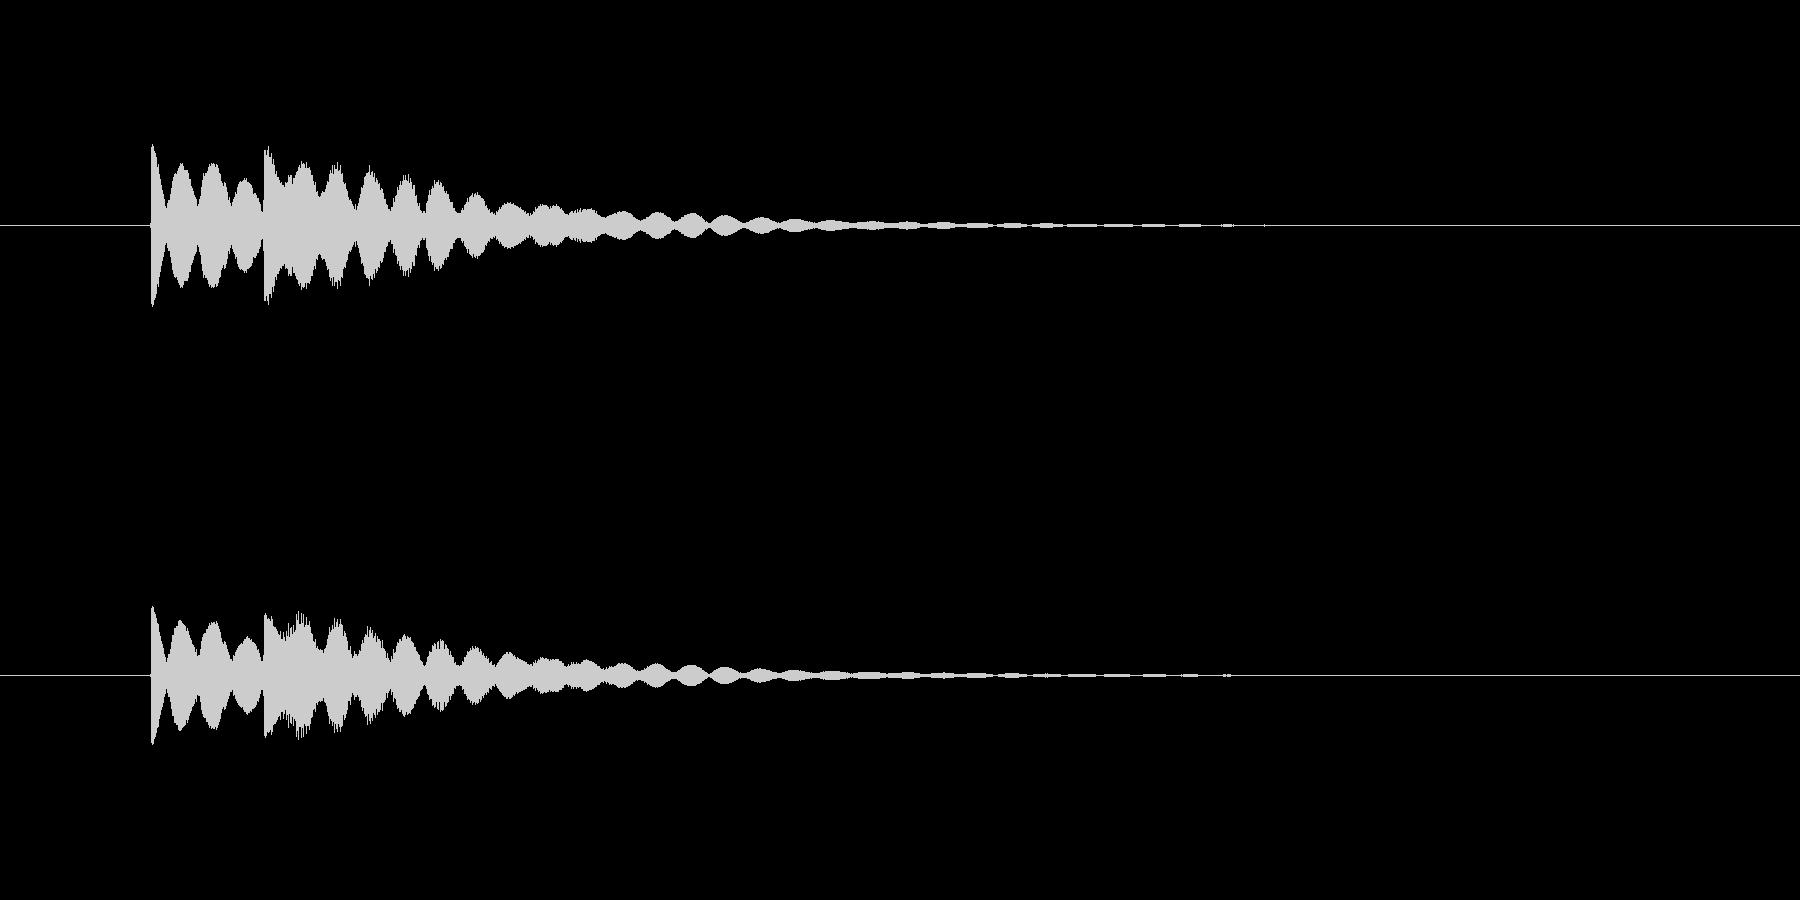 ピンポン(透明感のある決定音)の未再生の波形